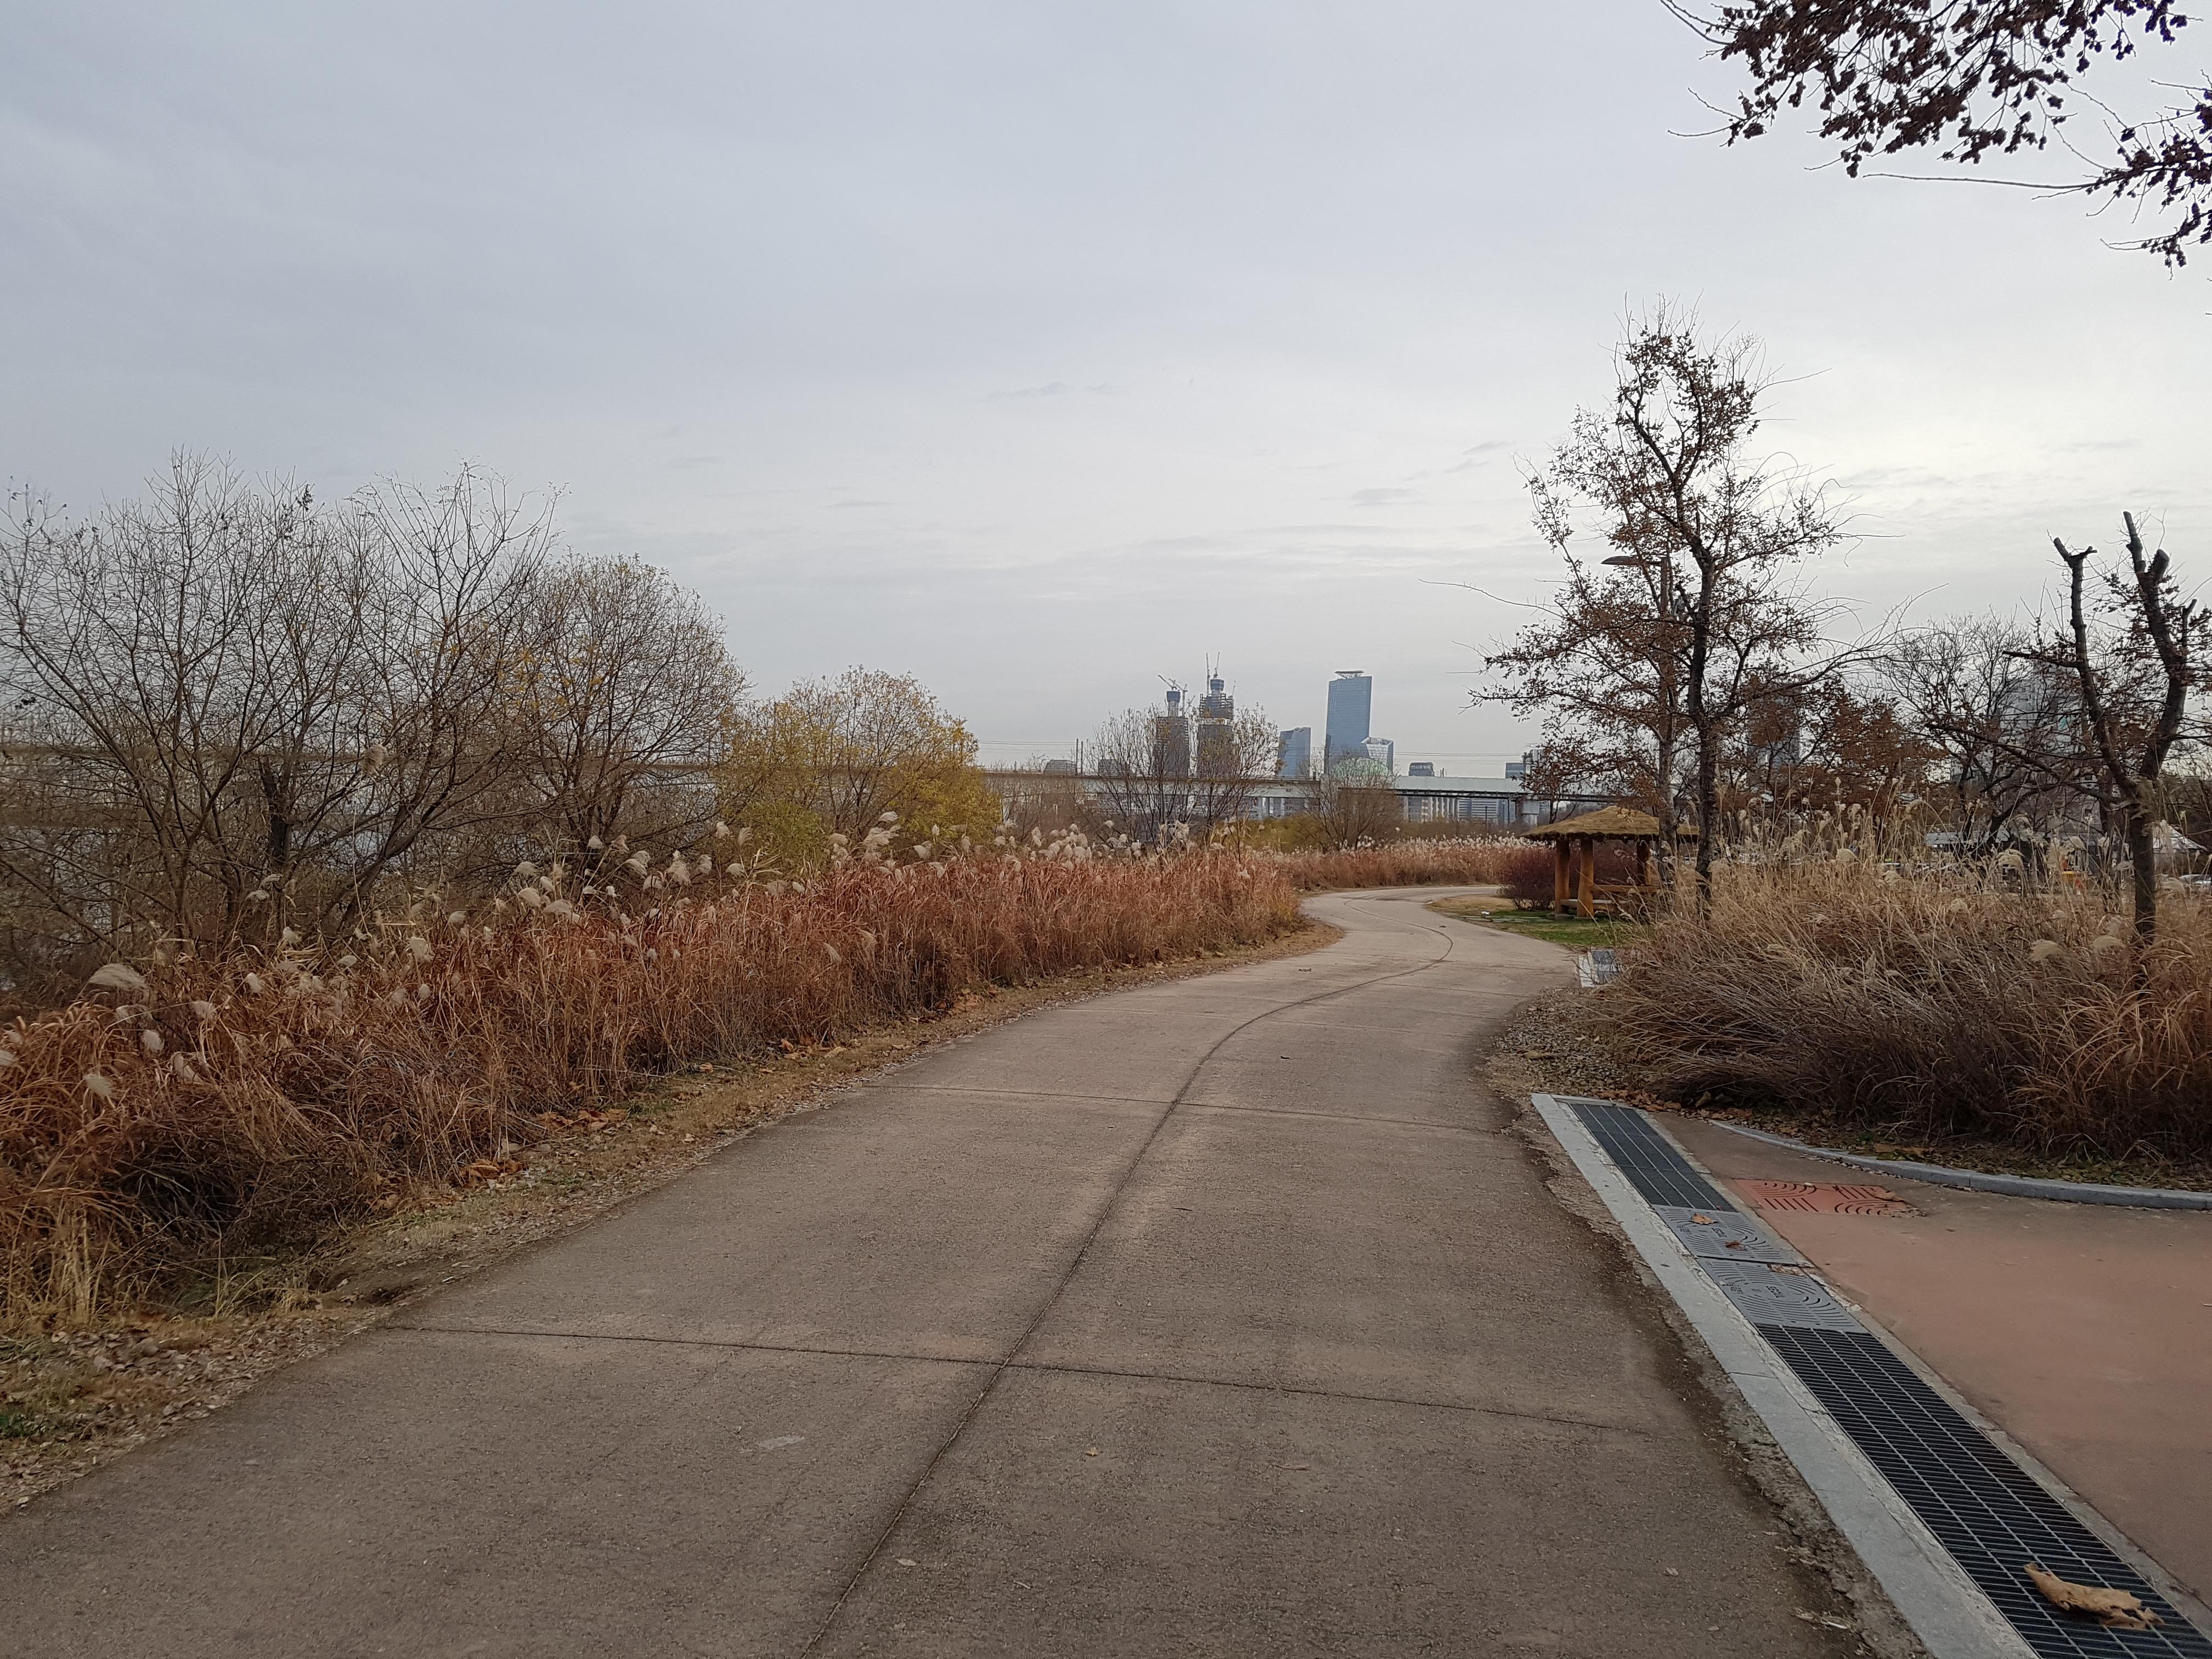 12월초 한강공원 : 당신이 사는 삶을 사랑하라. 당신이 사랑하는 삶을 살아라.